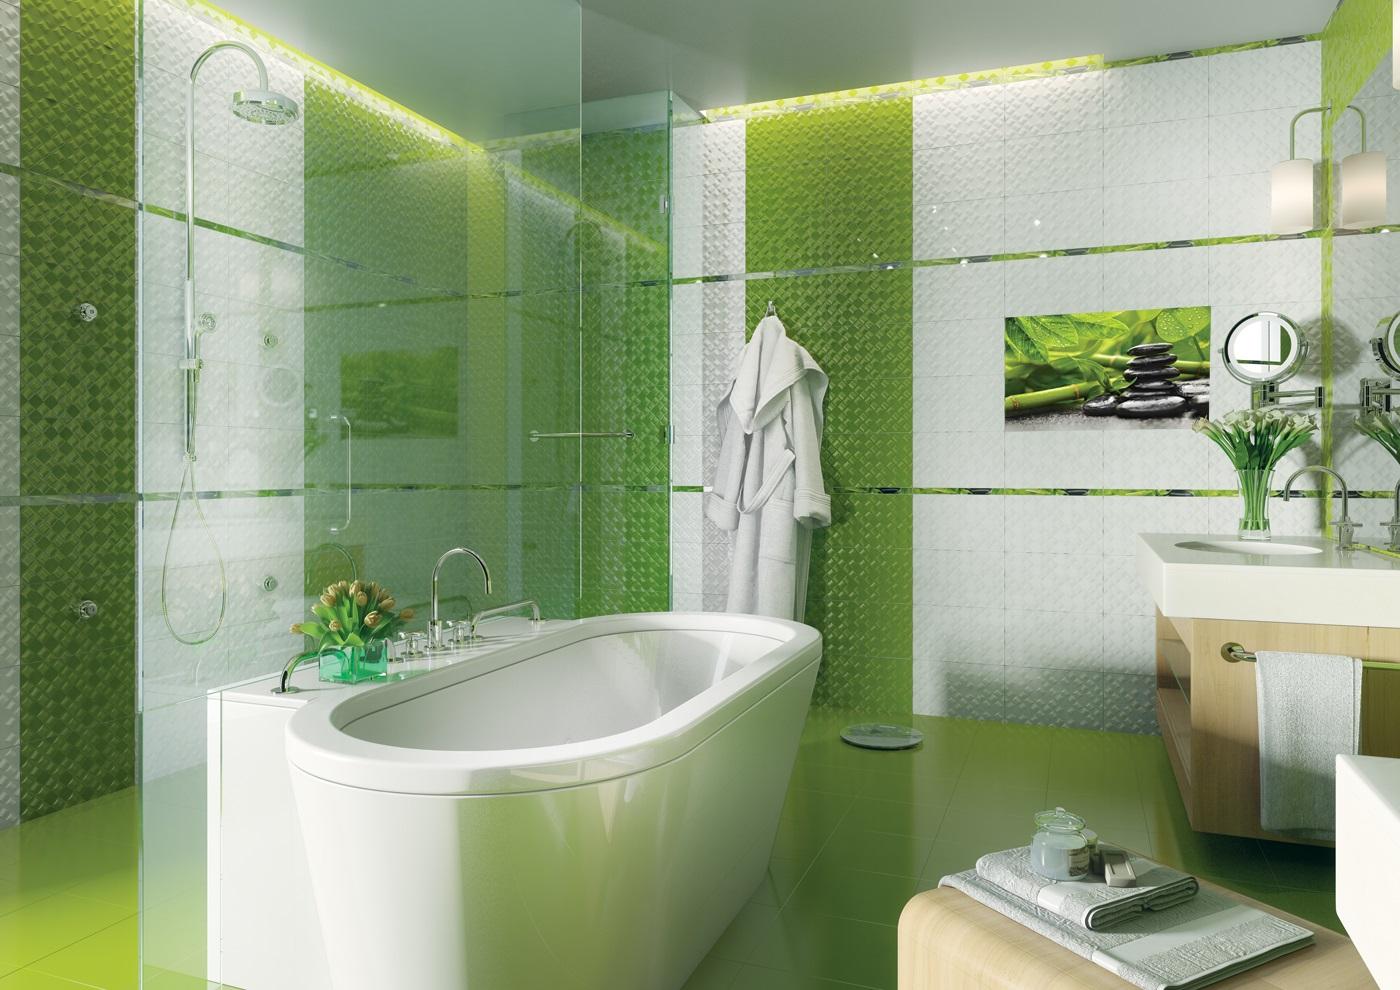 Bagno green per un chiaro richiamo alla natura